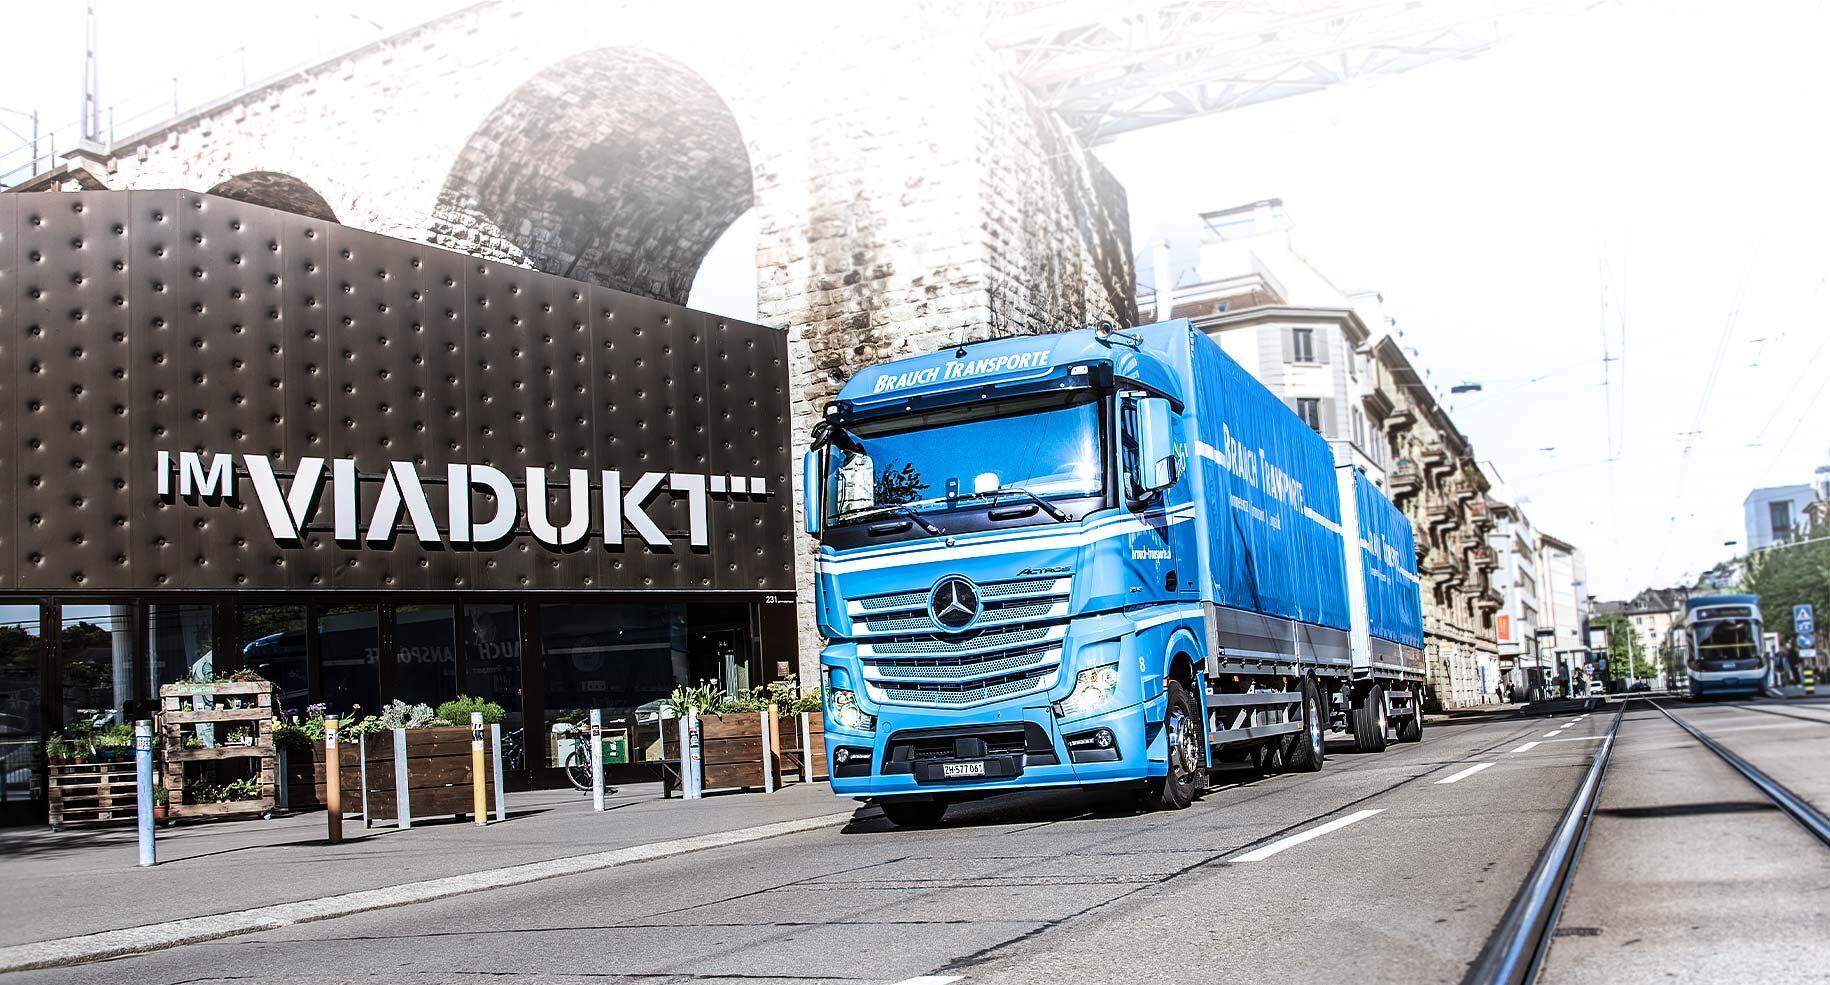 Brauch Transporte in Zürich